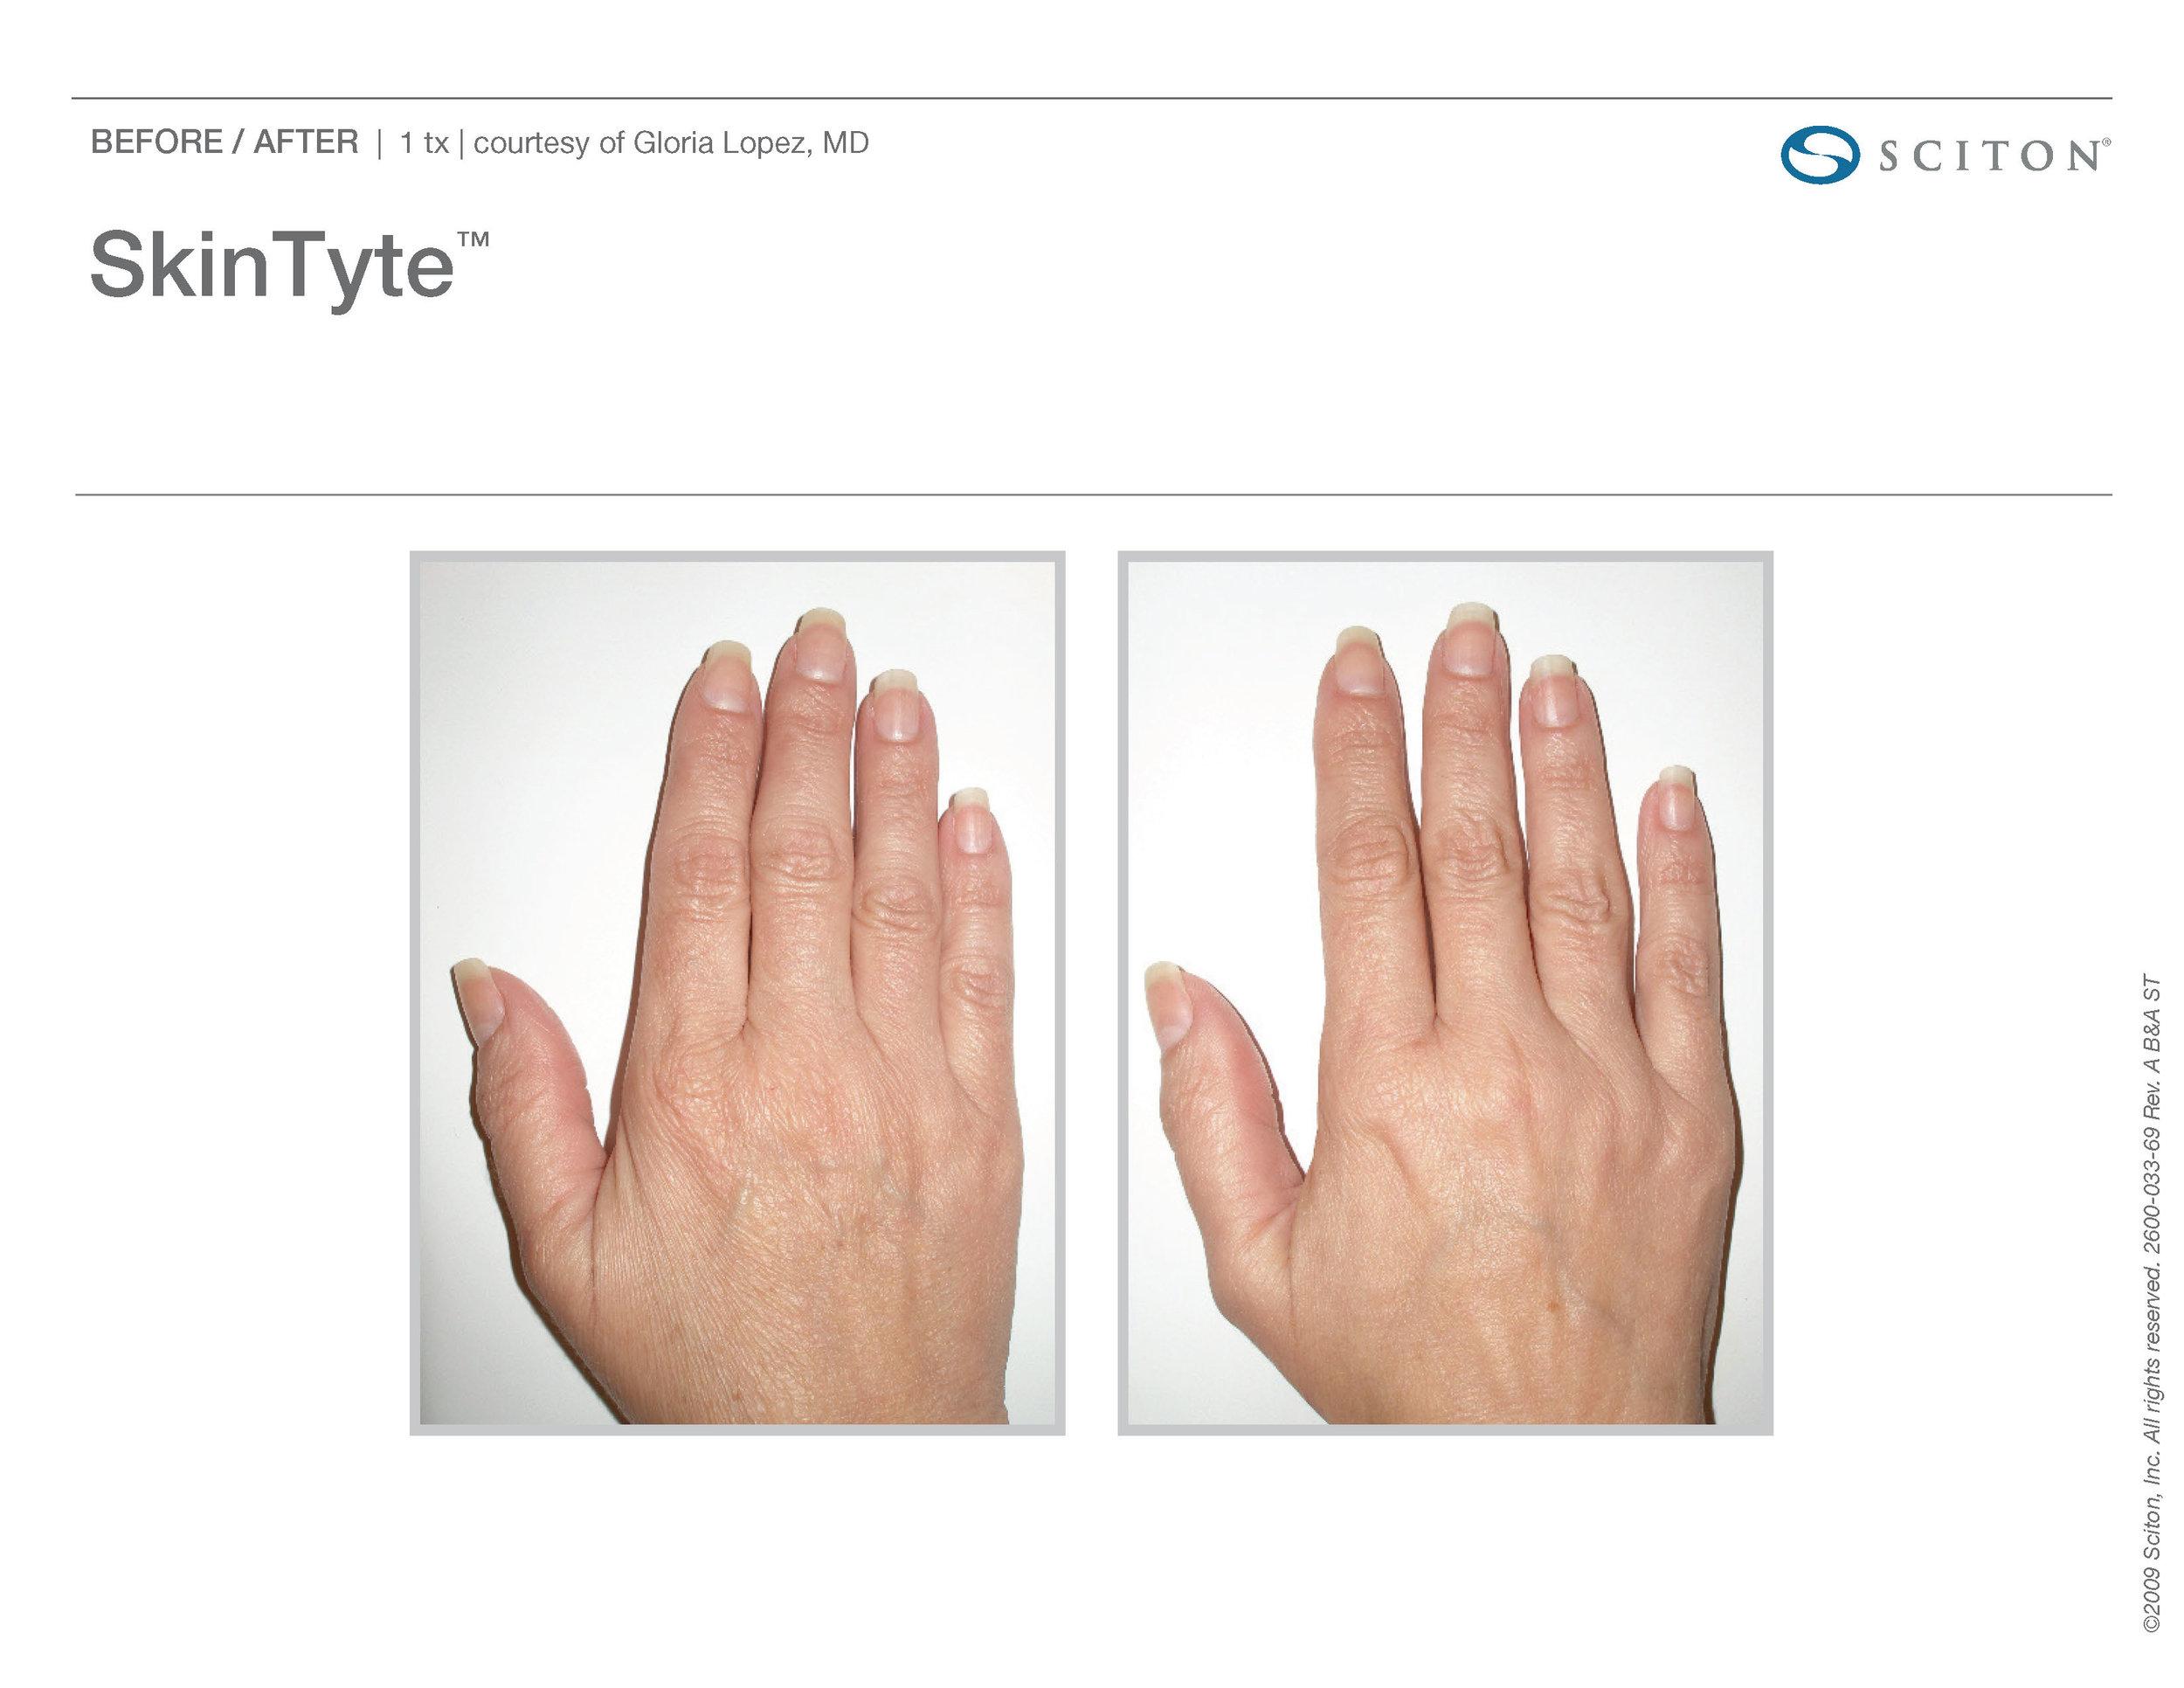 SkinTyte B&A Nov'17_Page_04.jpg